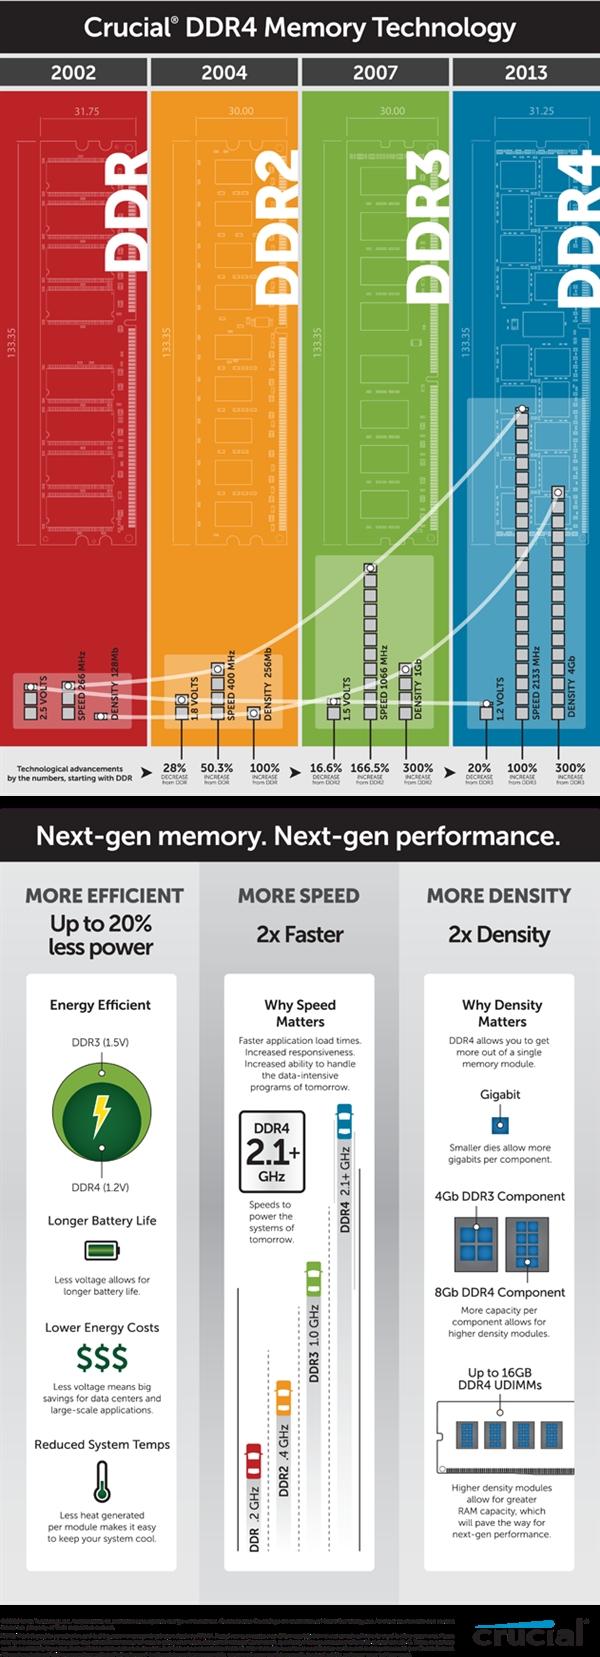 美光早早发布DDR4内存为哪般?